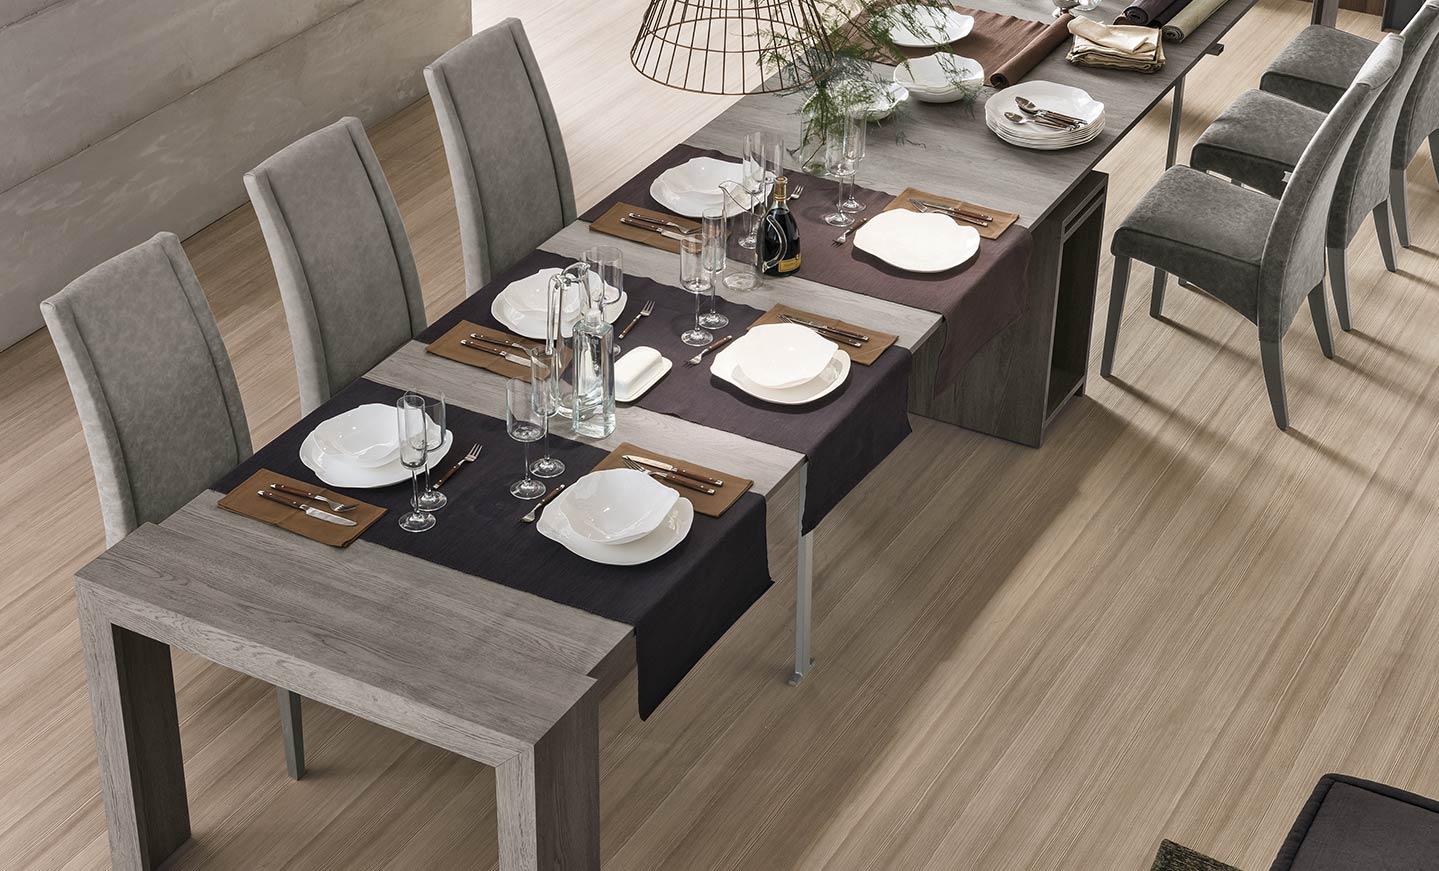 Table console extensible : quelles sont ses particularités ?